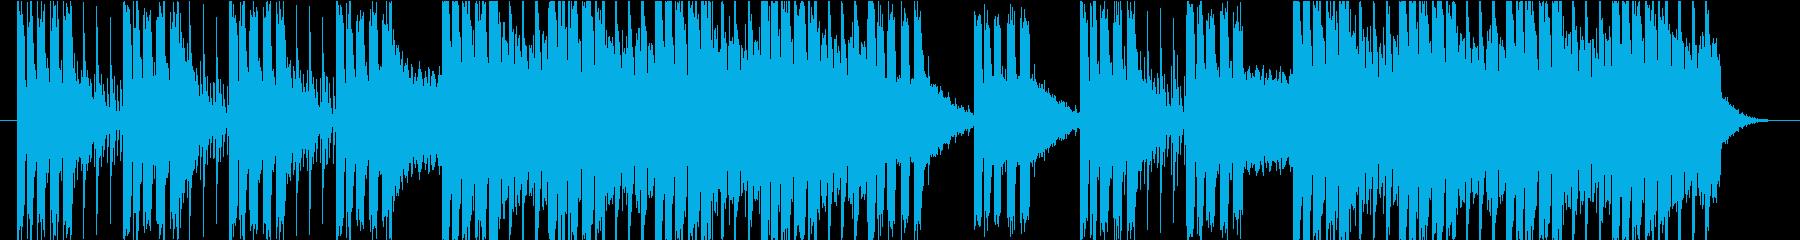 にぎやかなEDM・ドキドキ感、スケール感の再生済みの波形